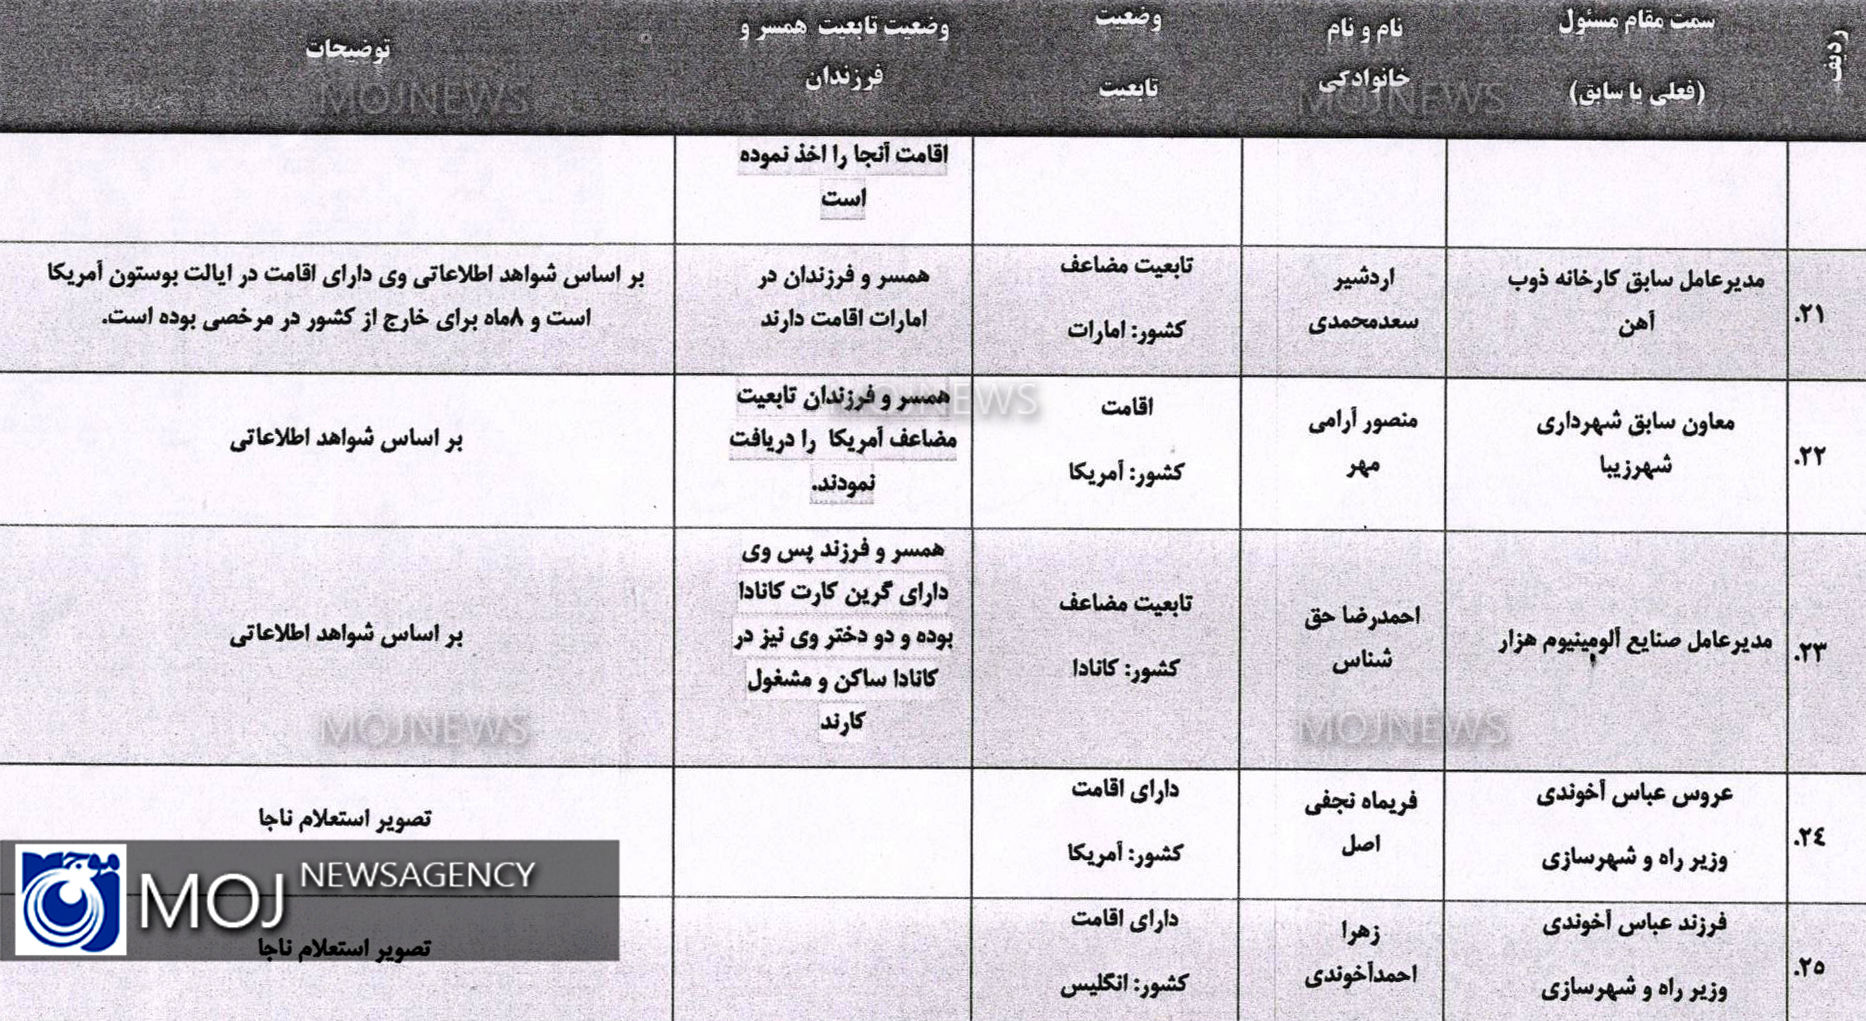 لیست افراد دو تابعیتی بر اساس ظن قوی 4